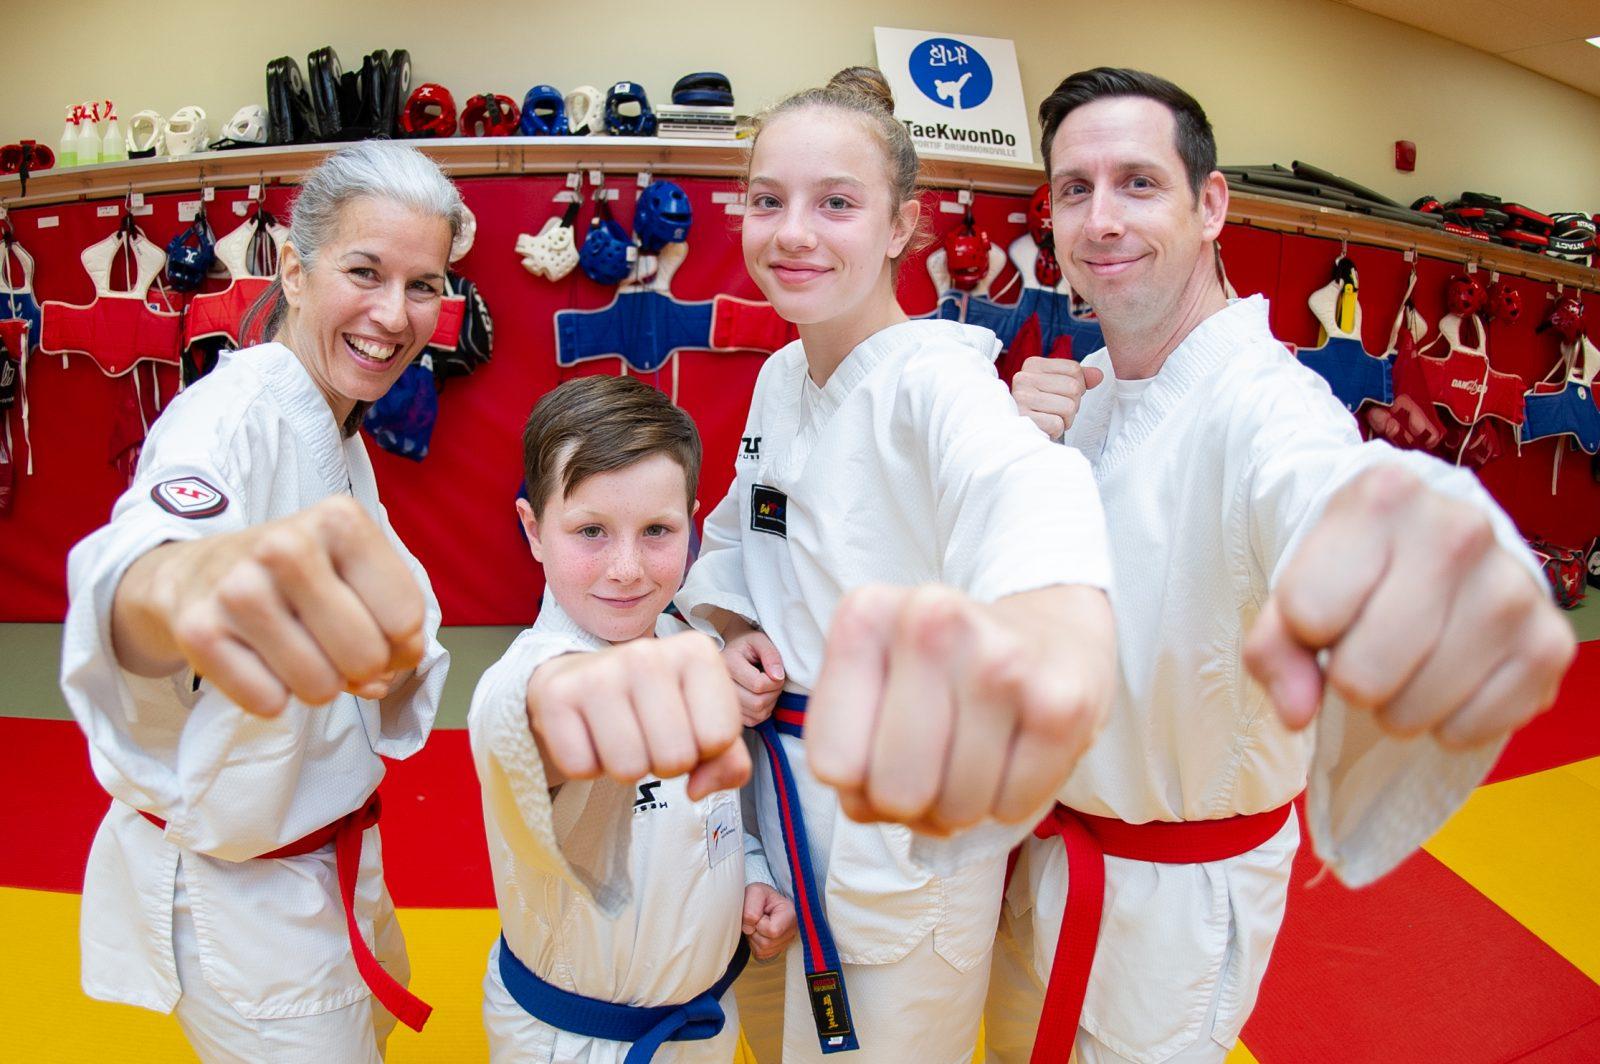 Le taekwondo, une philosophie de vie